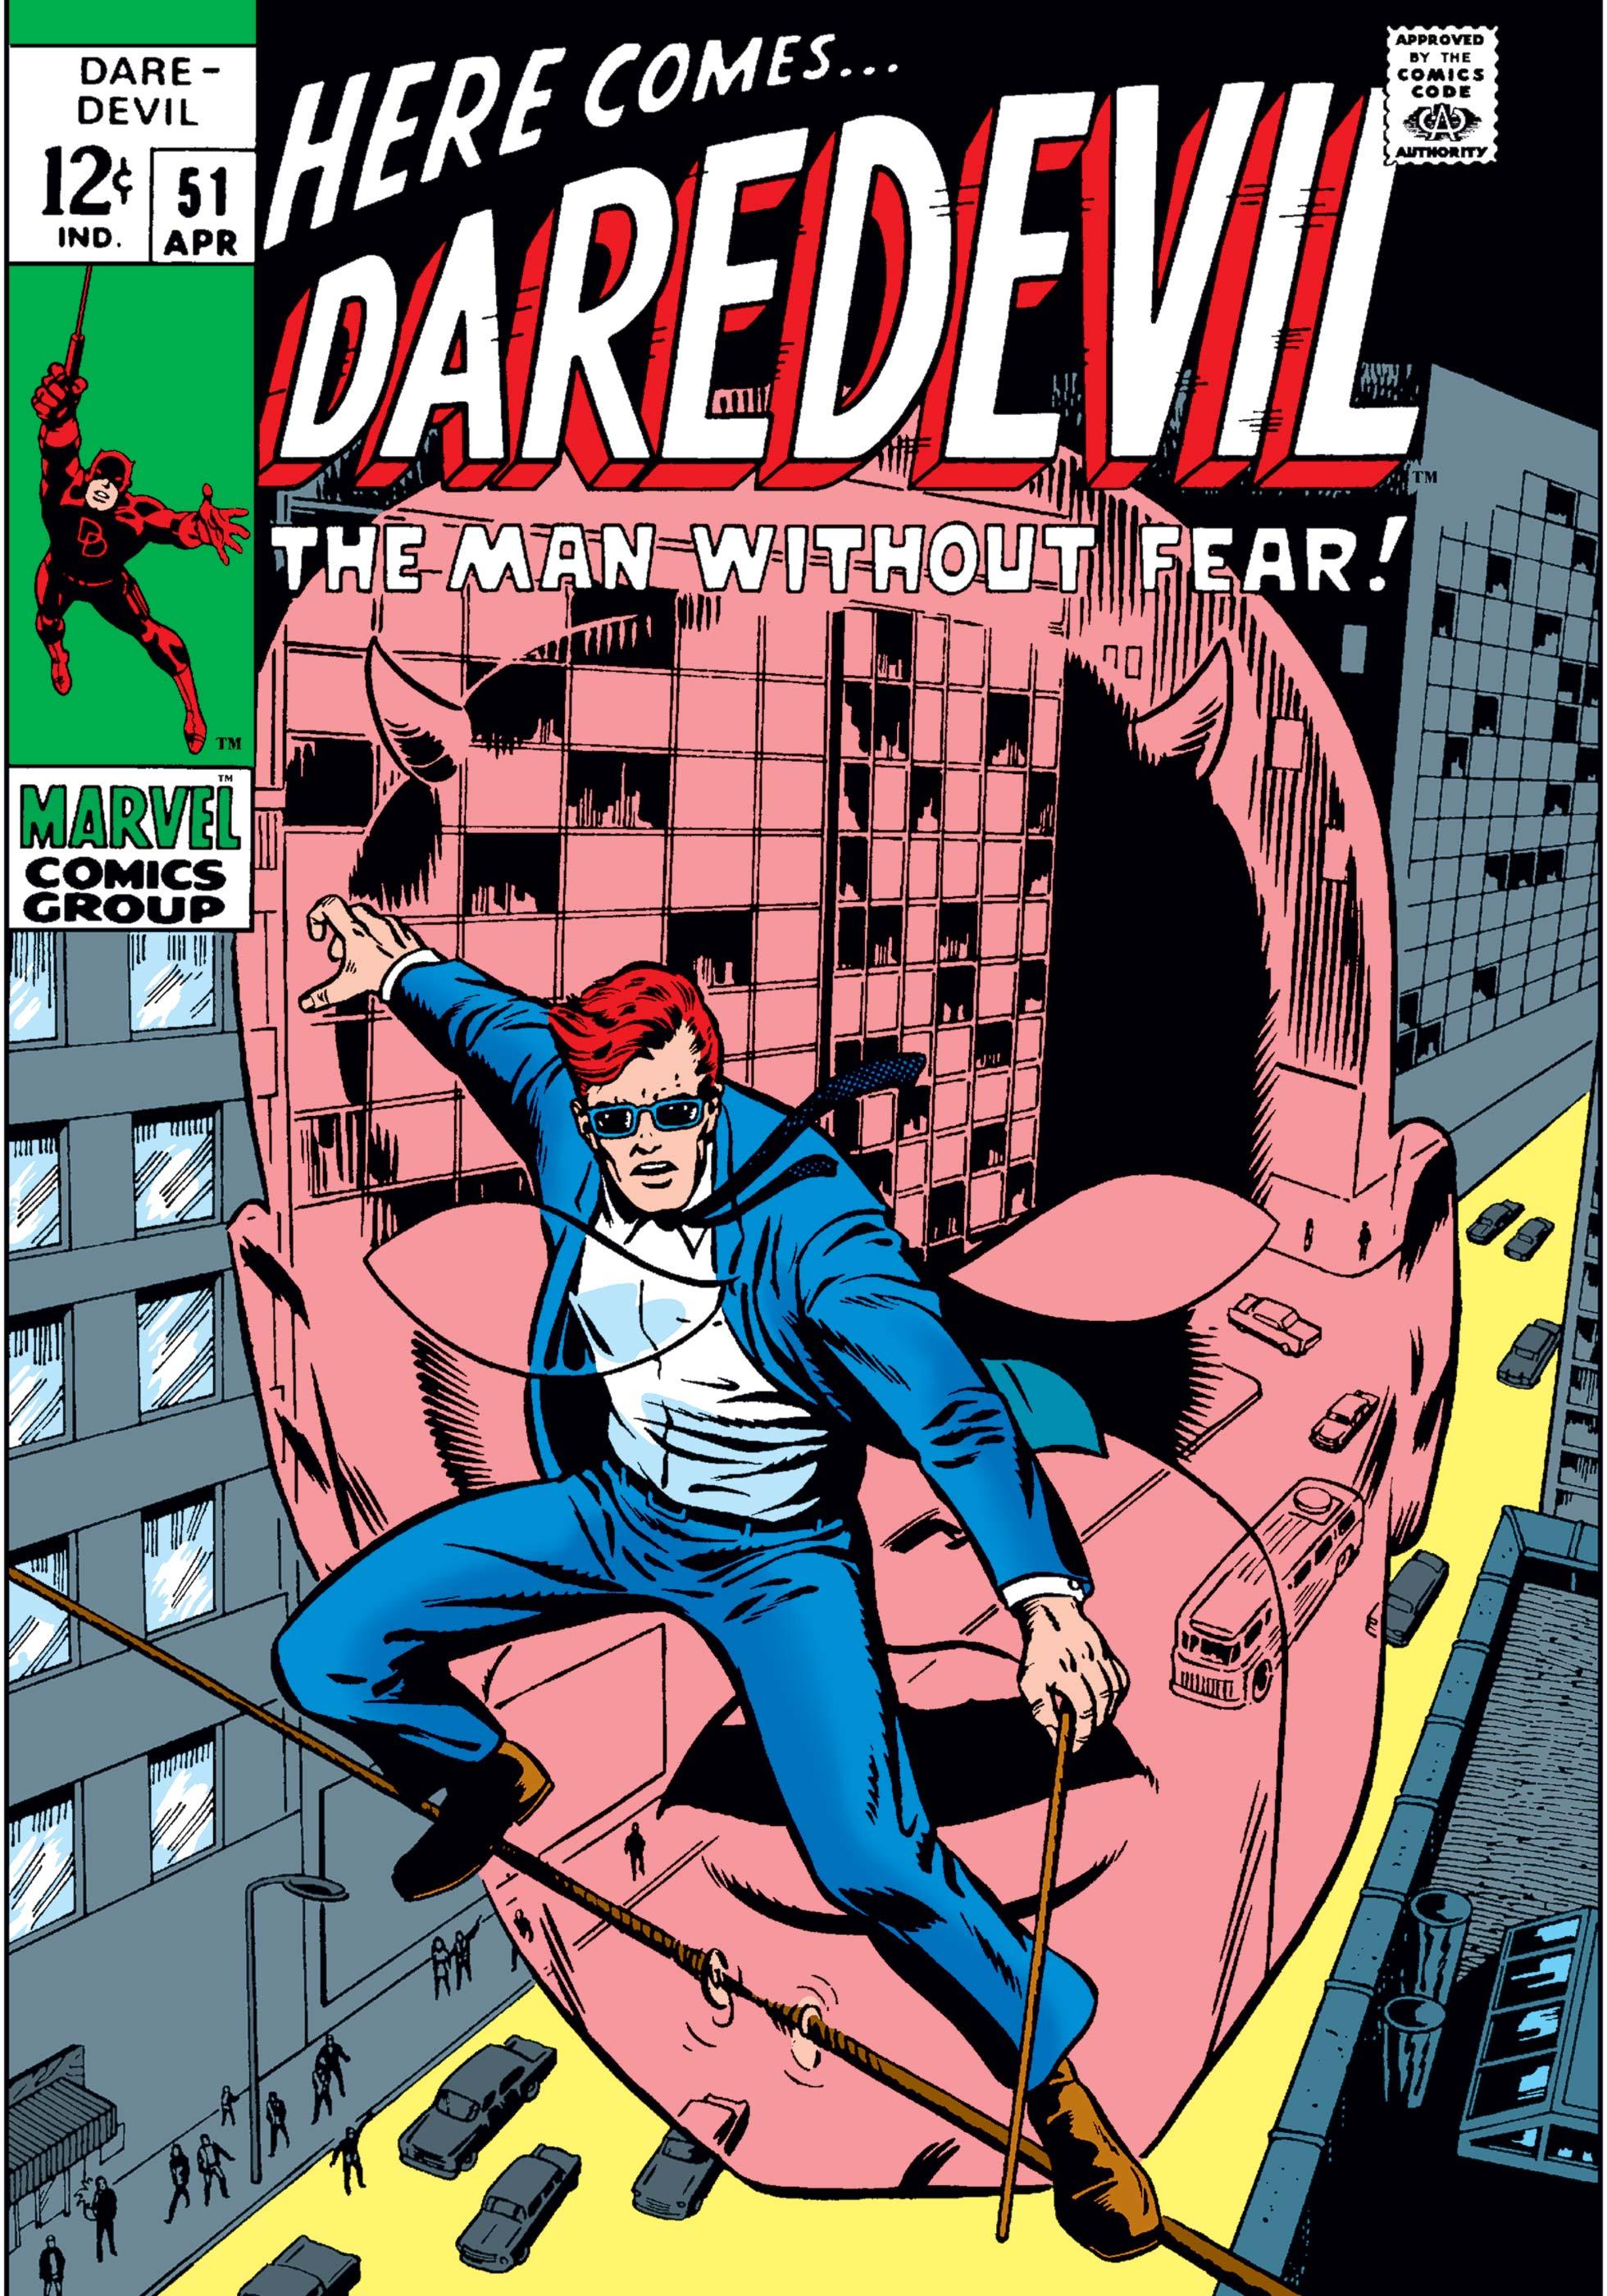 Daredevil (1964) #51